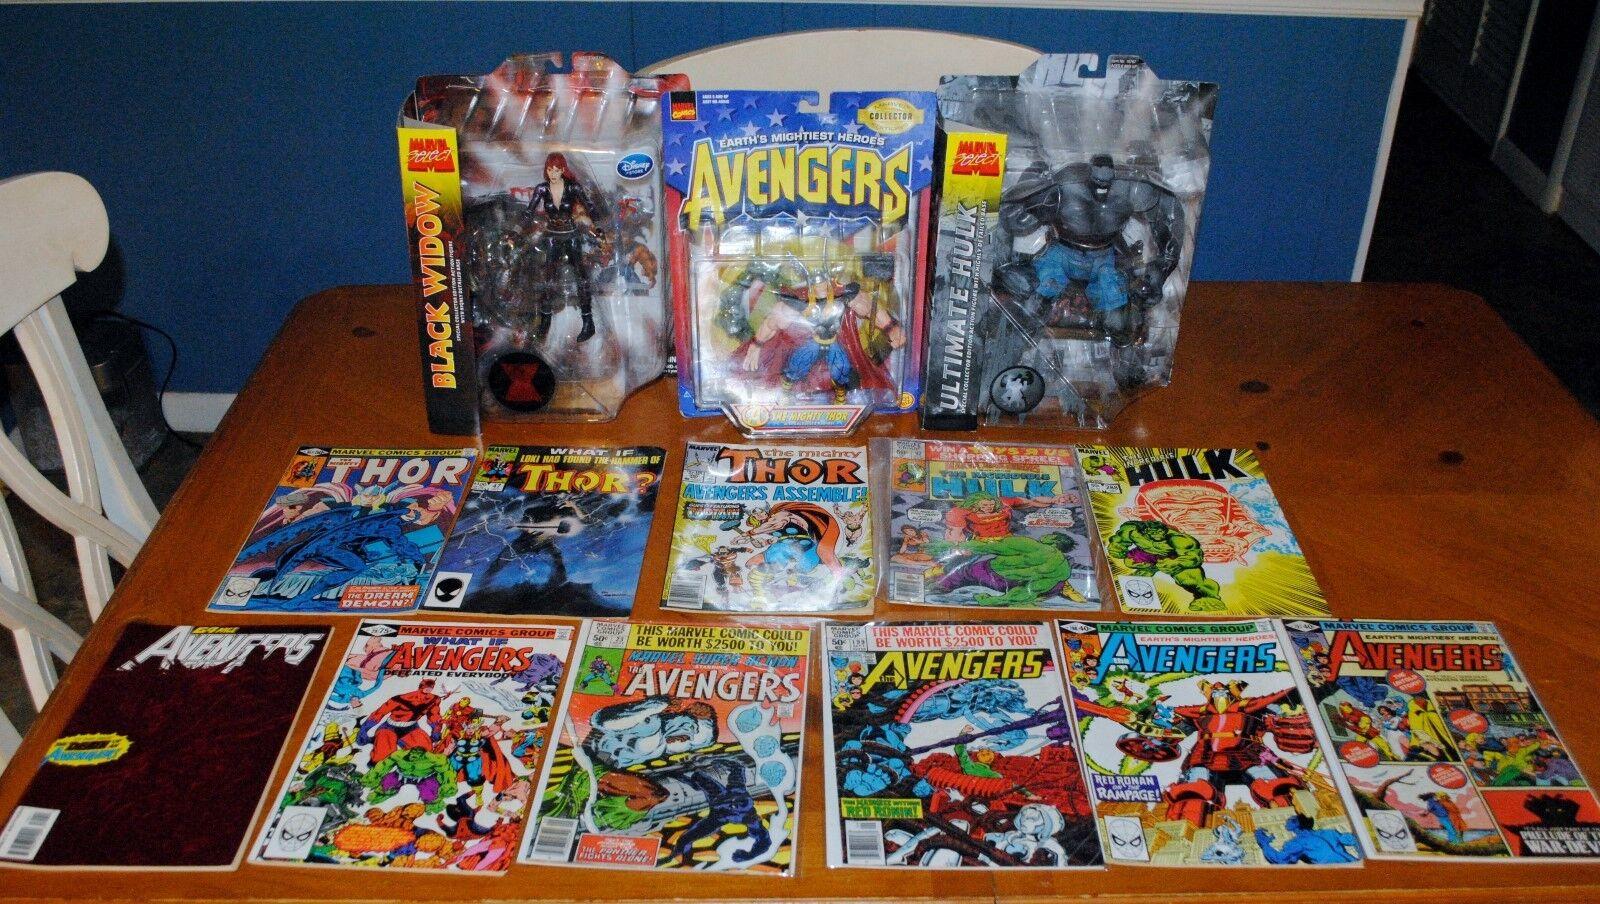 Vengadores viuda negra de acuerdo, Thor & Hulk-Figuras de acción y libros de historietas